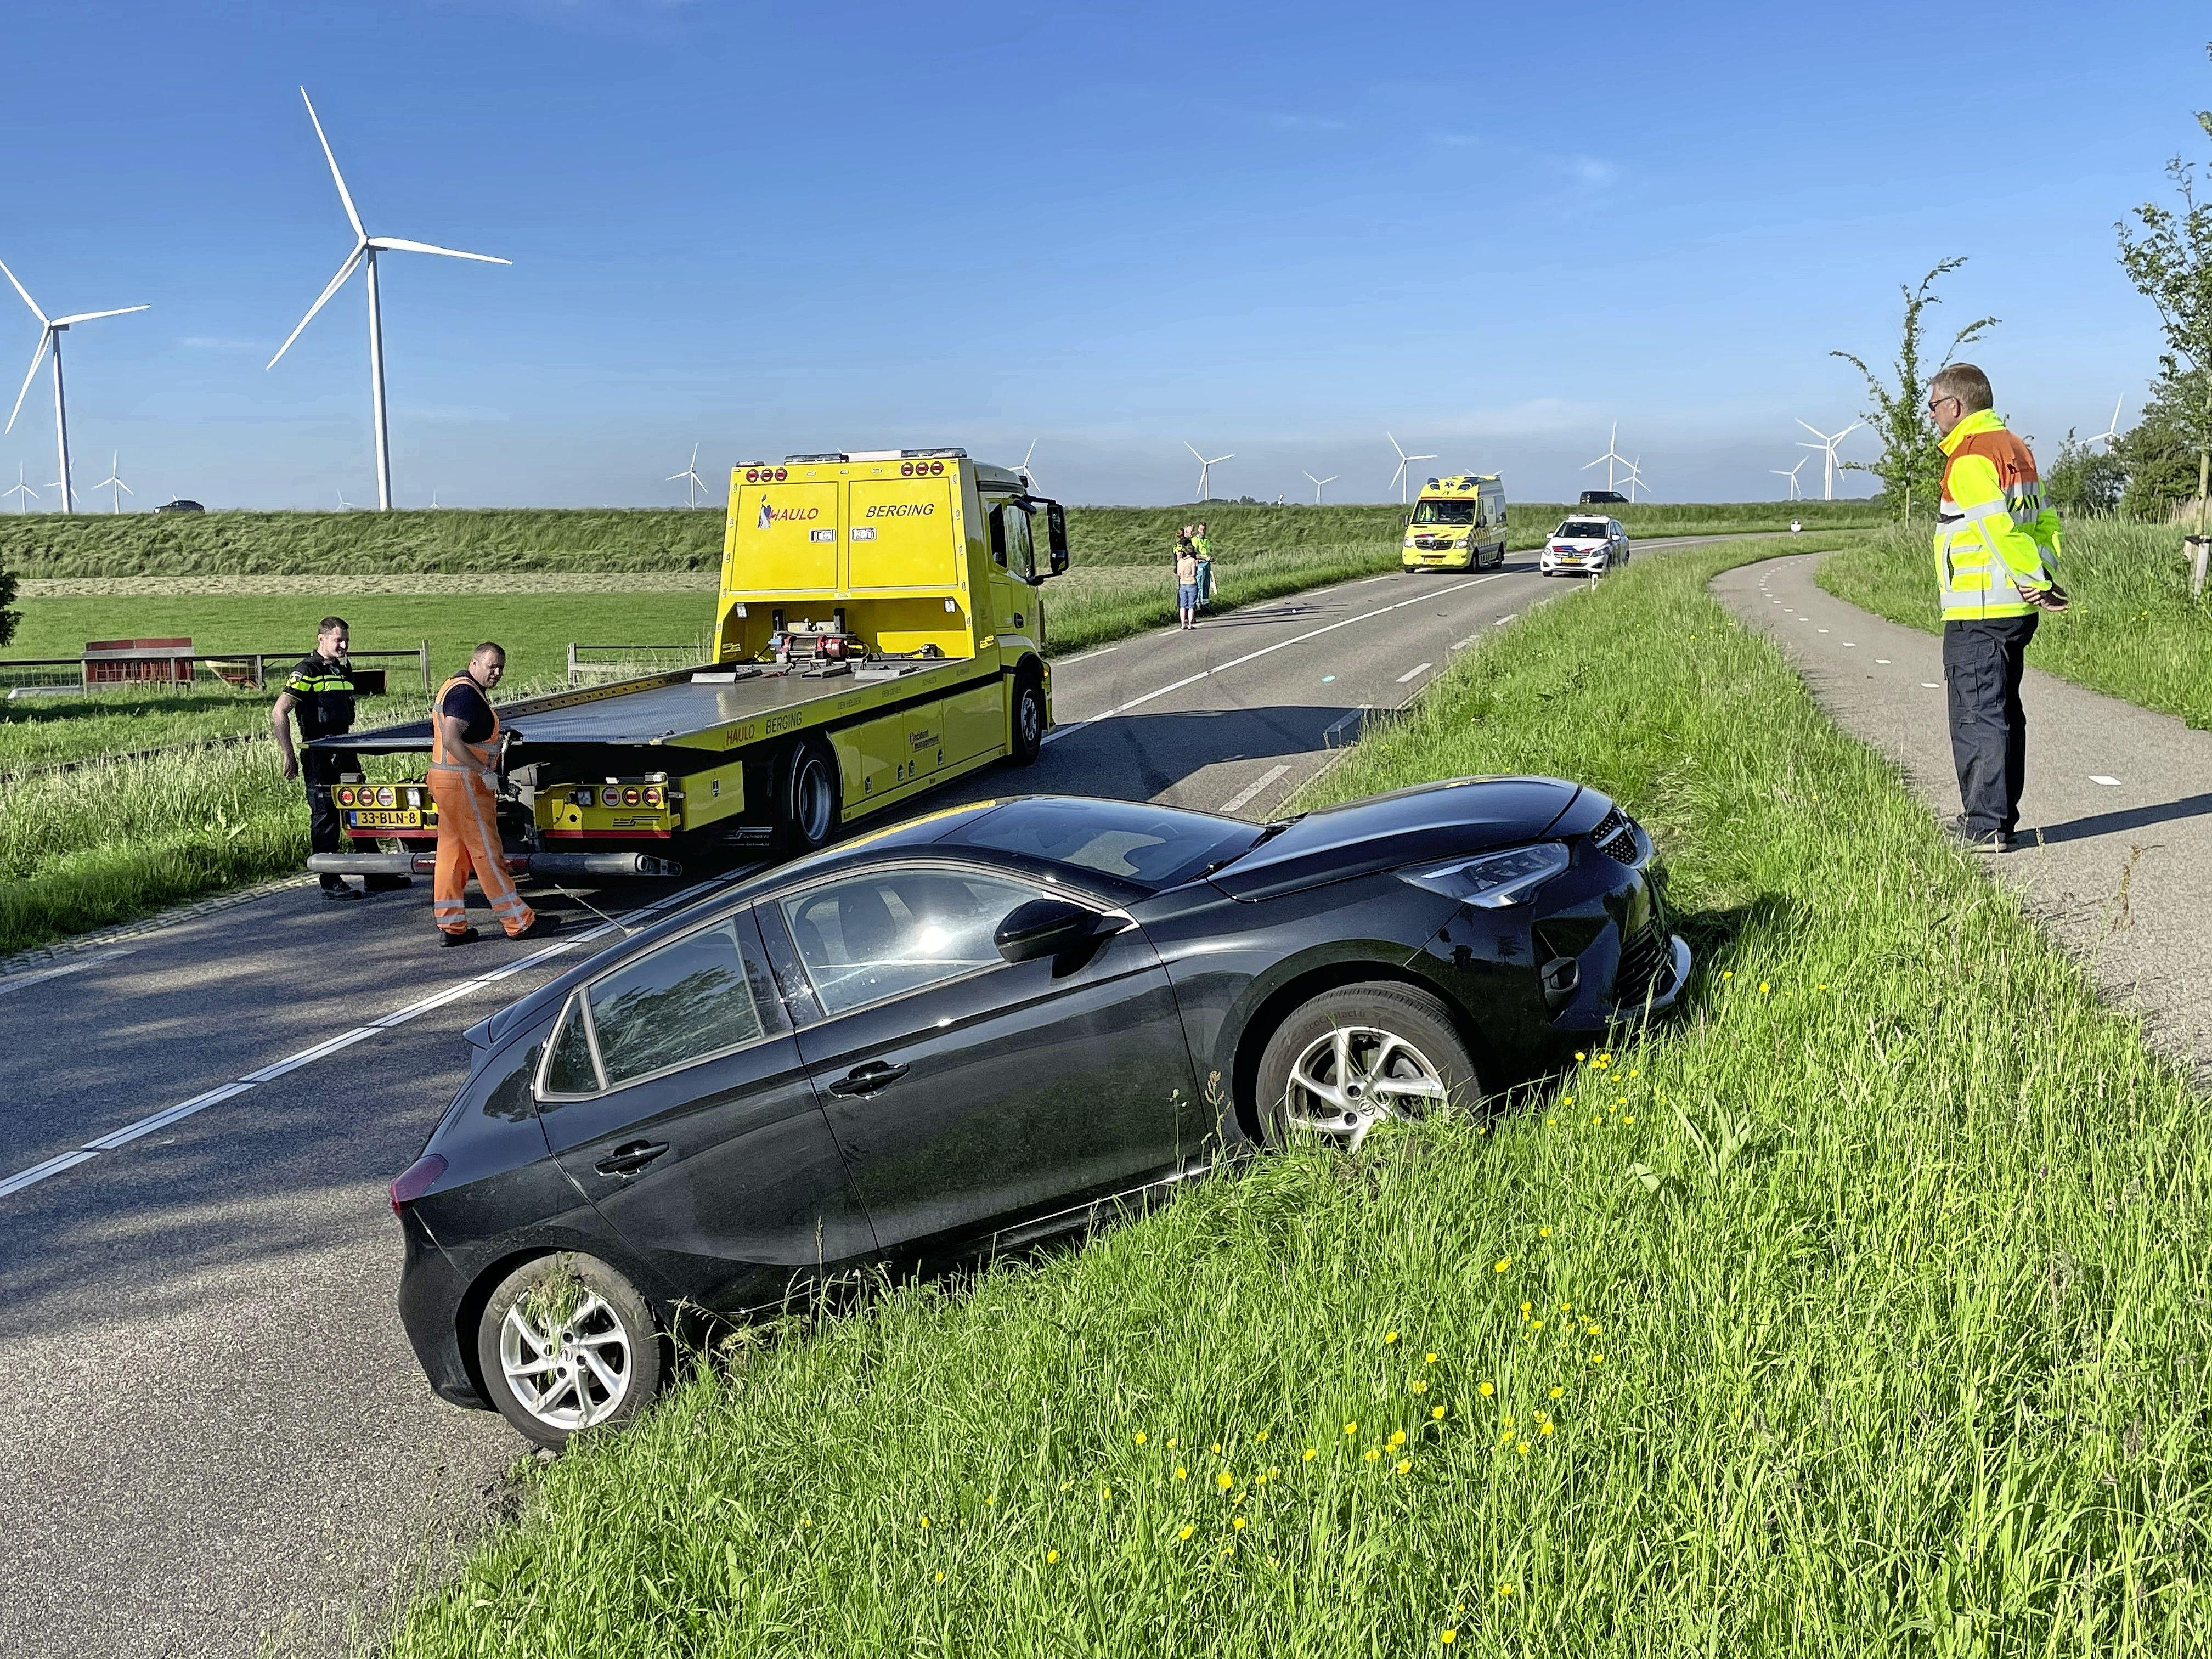 N248 bij Kolhorn bijna twee uur dicht door botsing tussen twee auto's